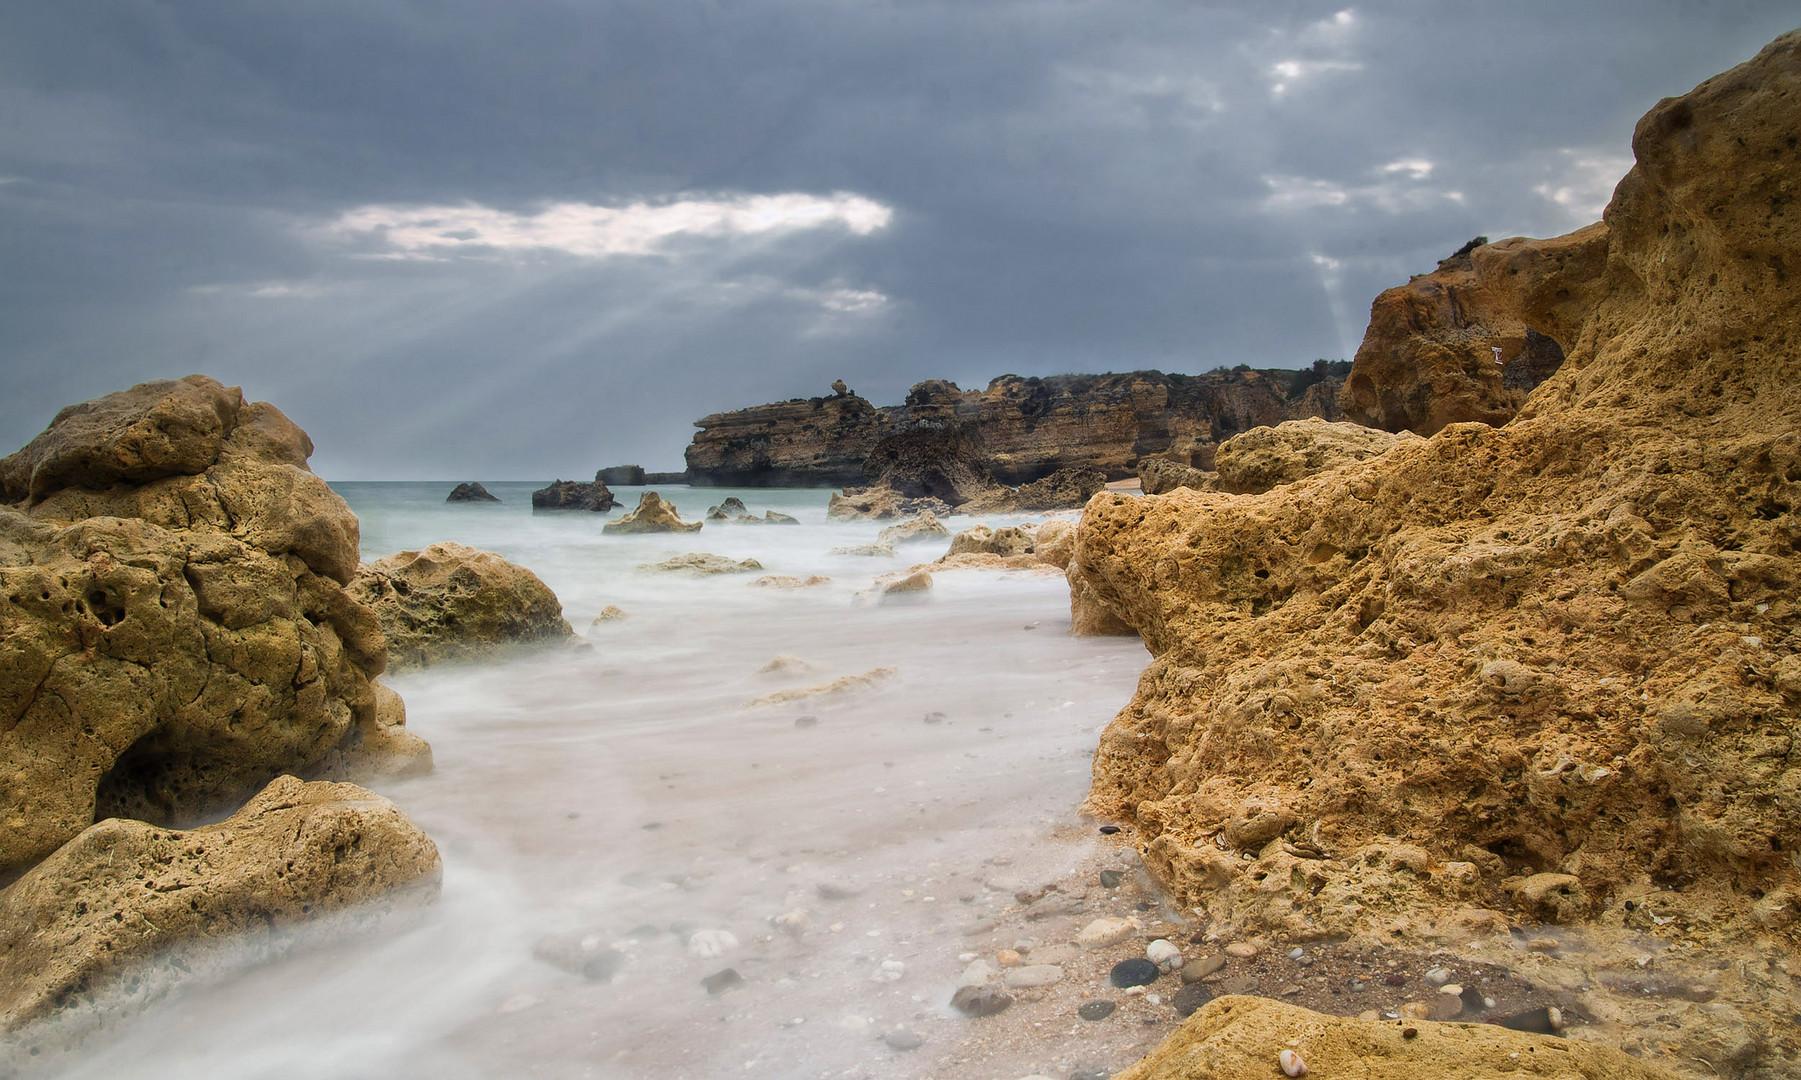 Praia do Sao Rafael